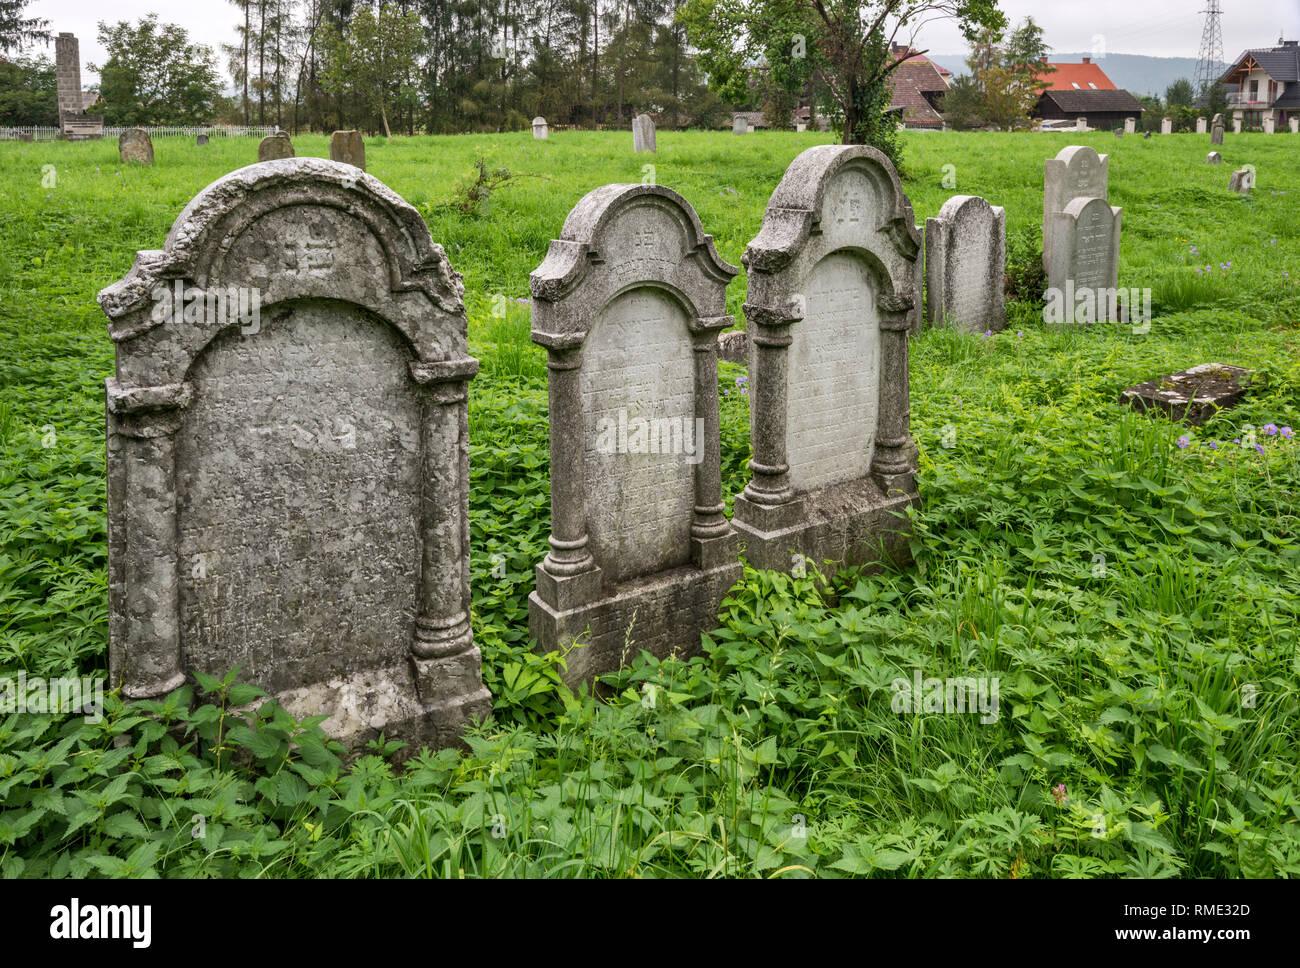 Jewish cemetery in Nowy Sacz, Malopolska, Poland - Stock Image